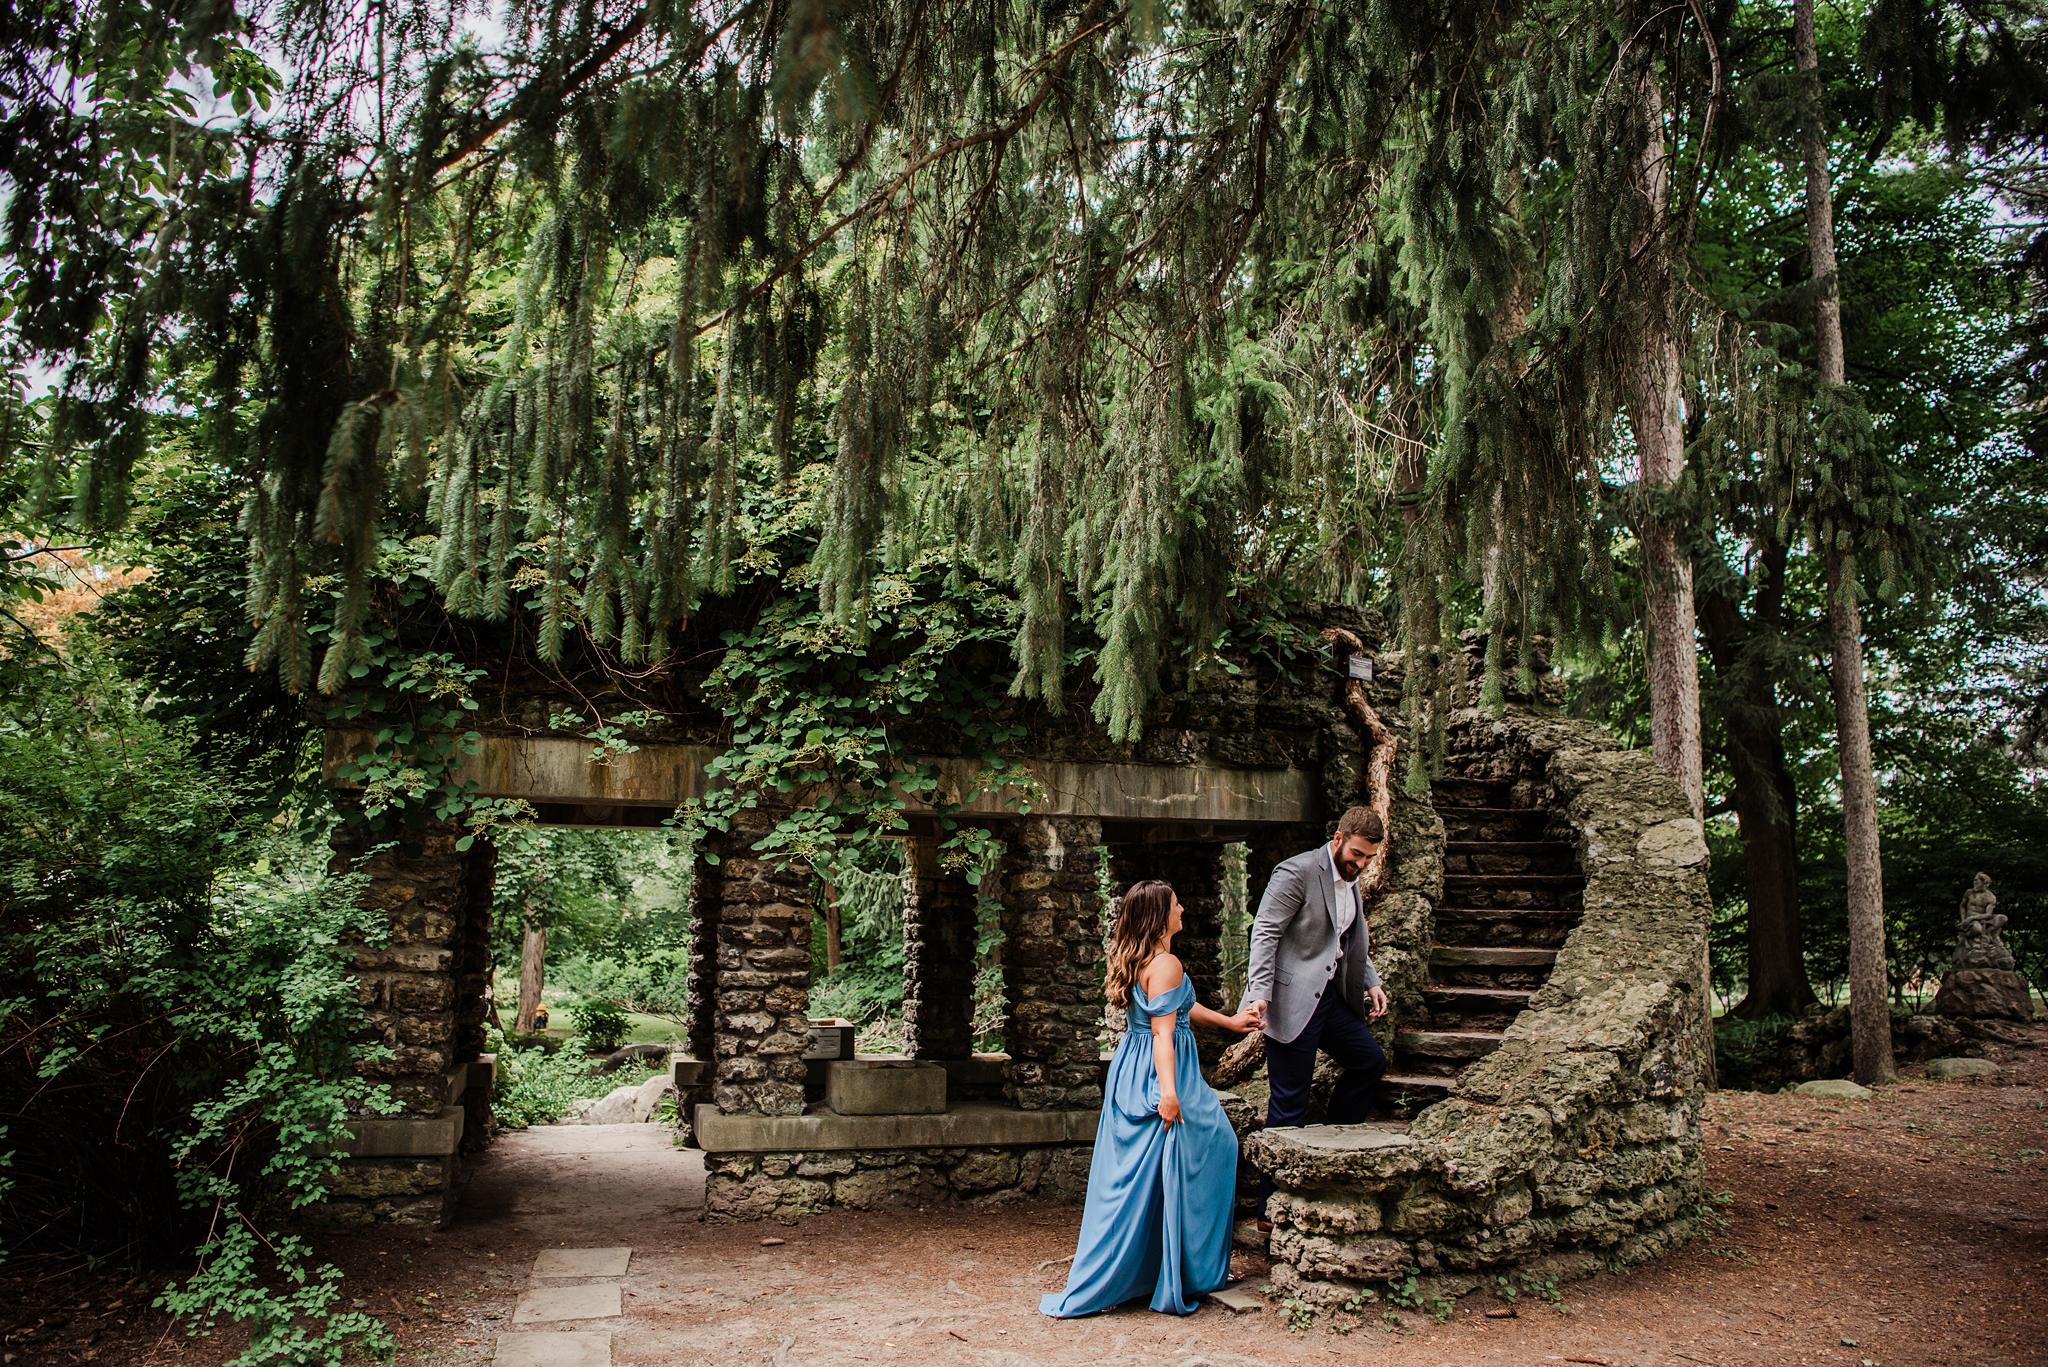 Sonnenberg_Gardens_Finger_Lakes_Engagement_Session_JILL_STUDIO_Rochester_NY_Photographer_DSC_1441.jpg